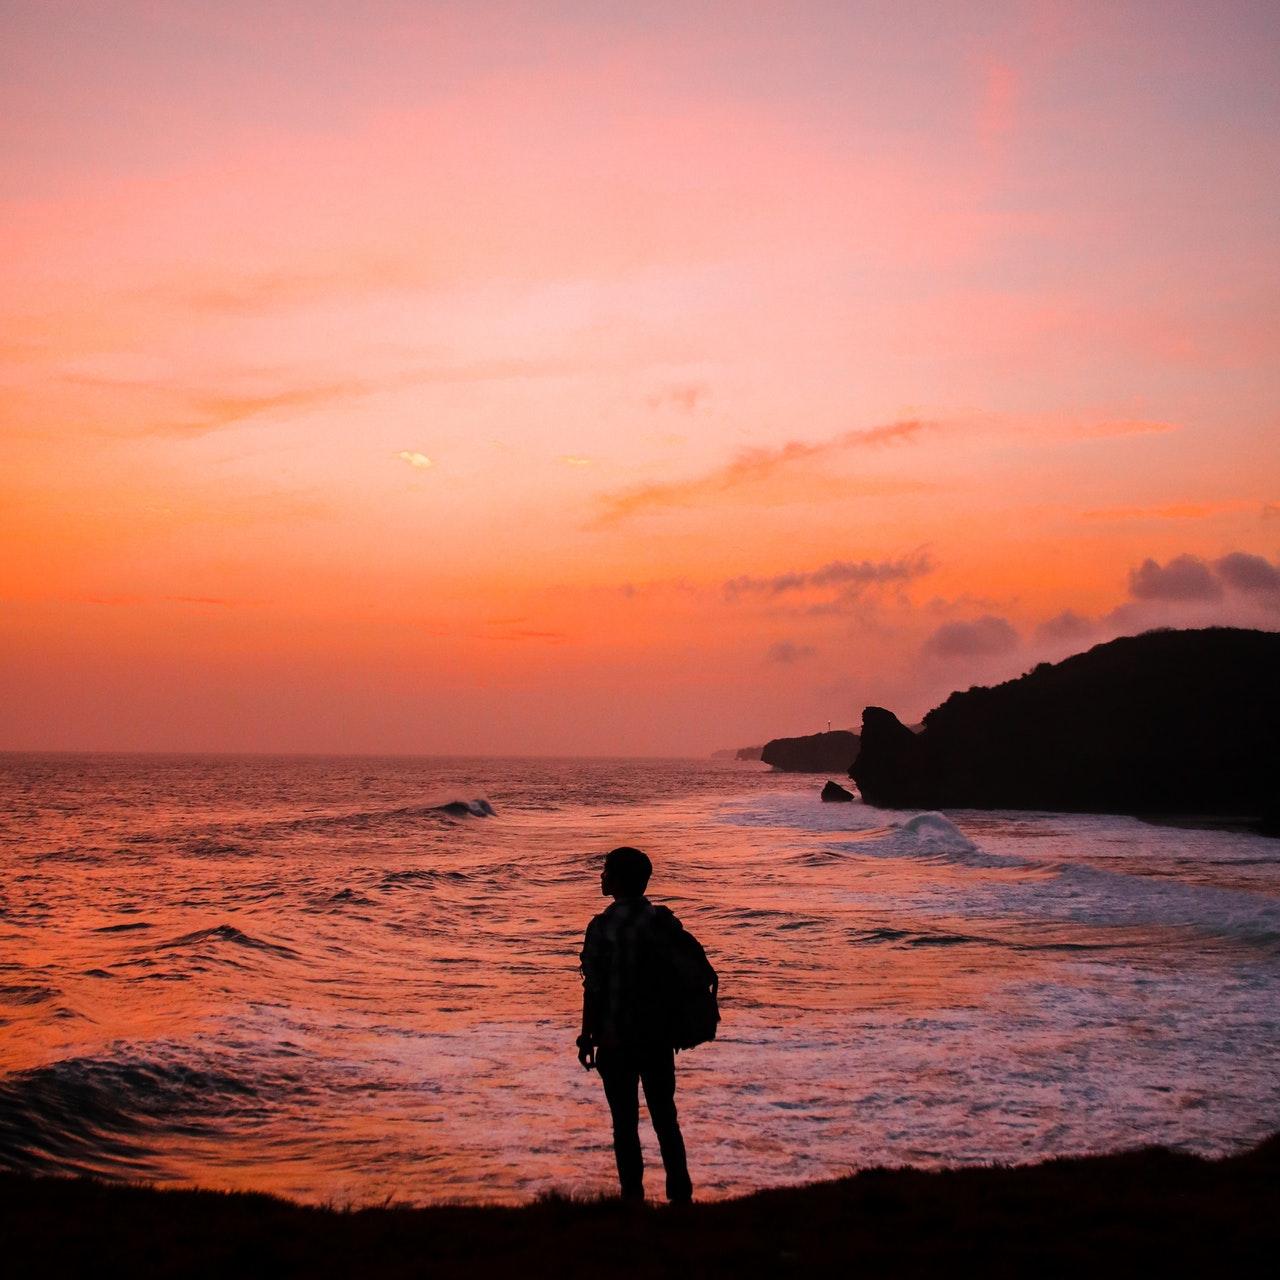 manand sunset.jpg